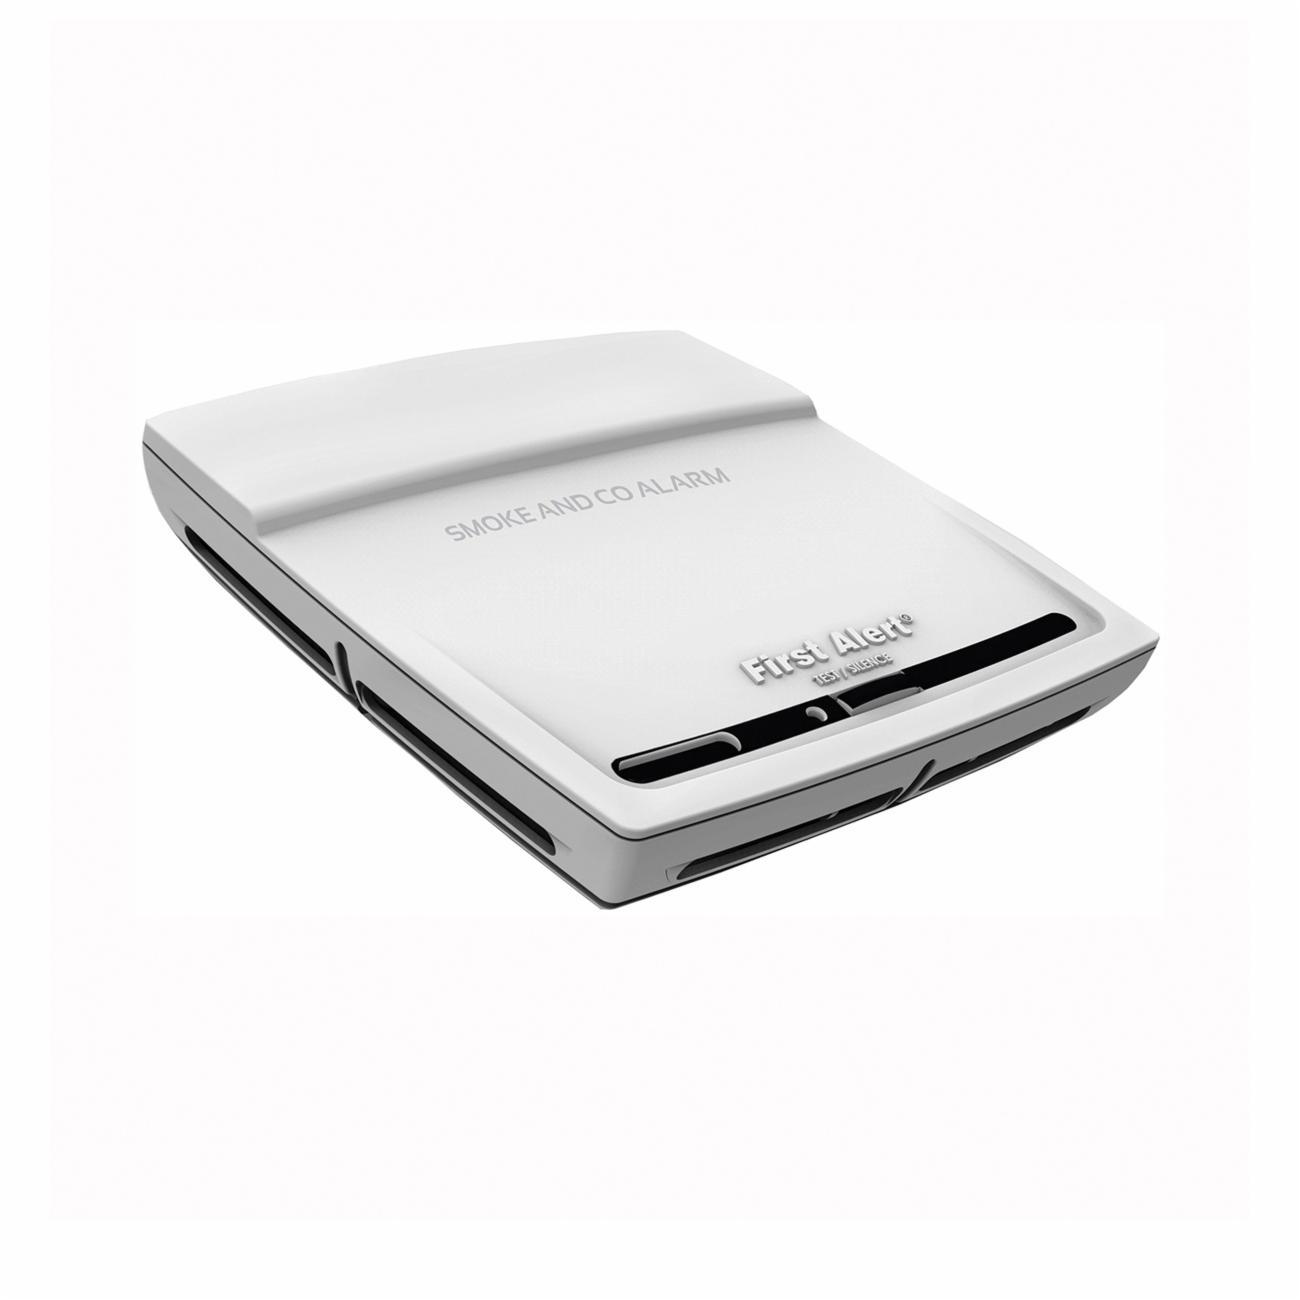 FIRST ALERT PC900